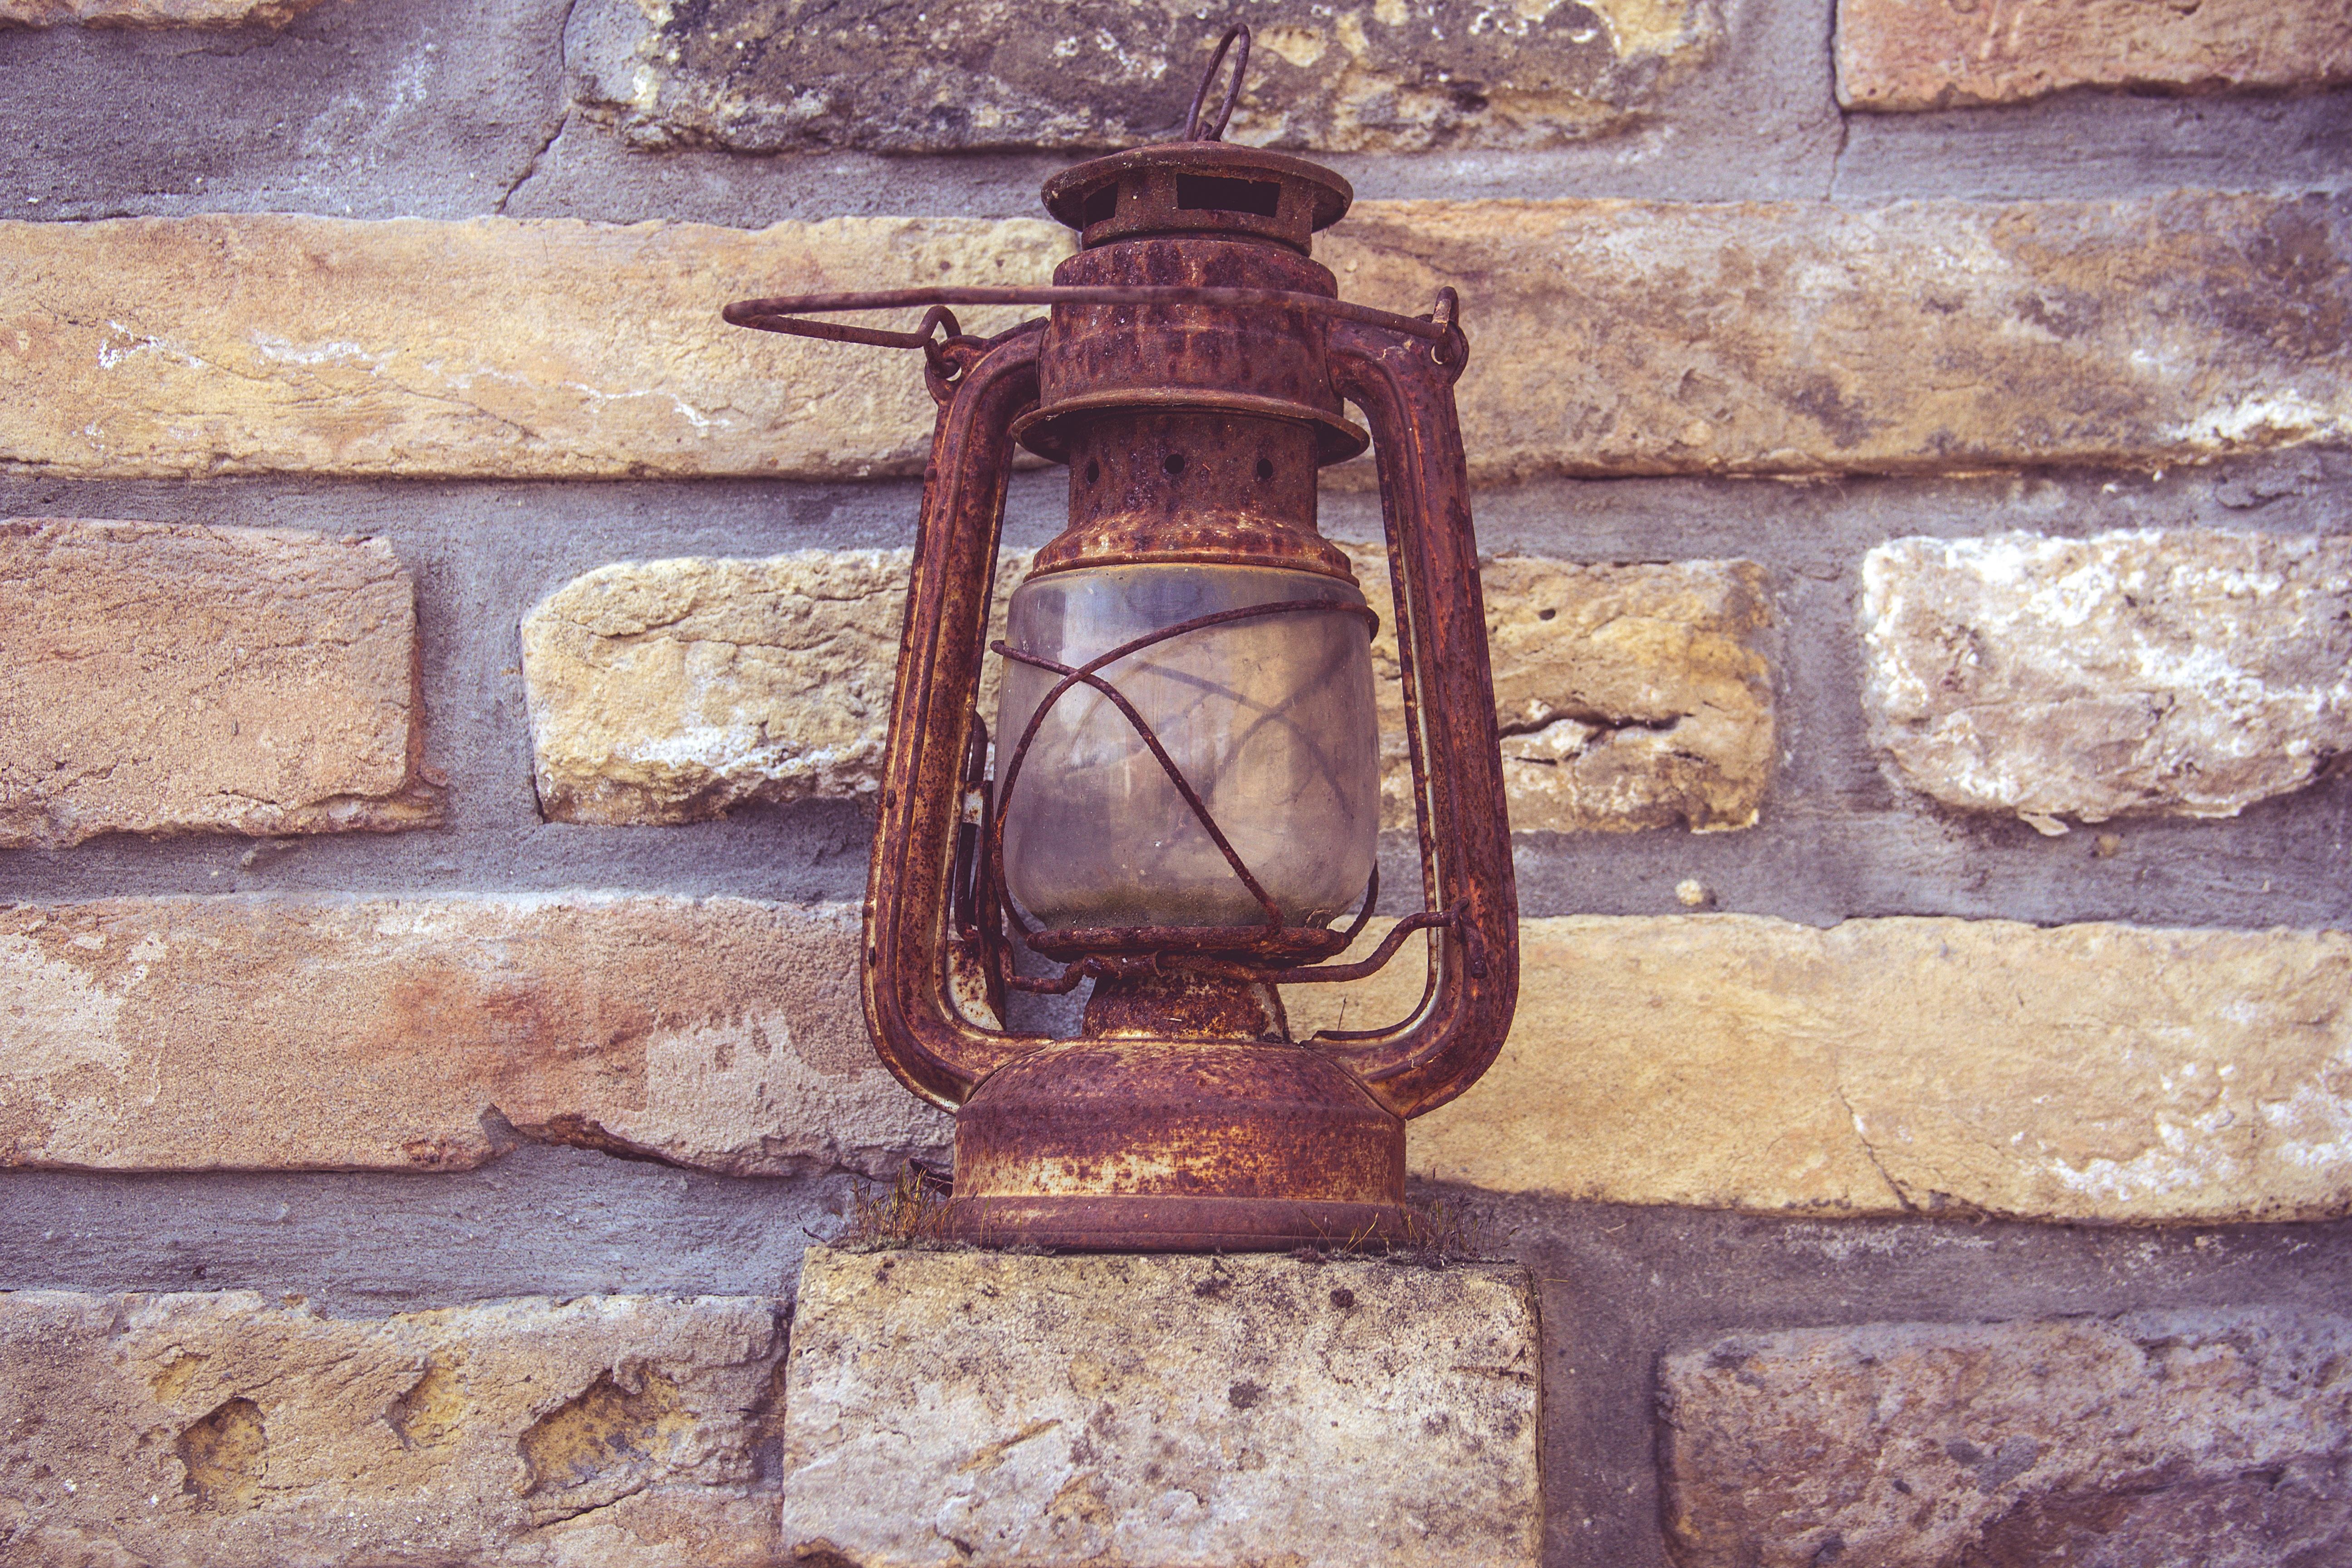 Gratis Afbeeldingen : werk, buitenshuis, hout, antiek, venster, oud ...